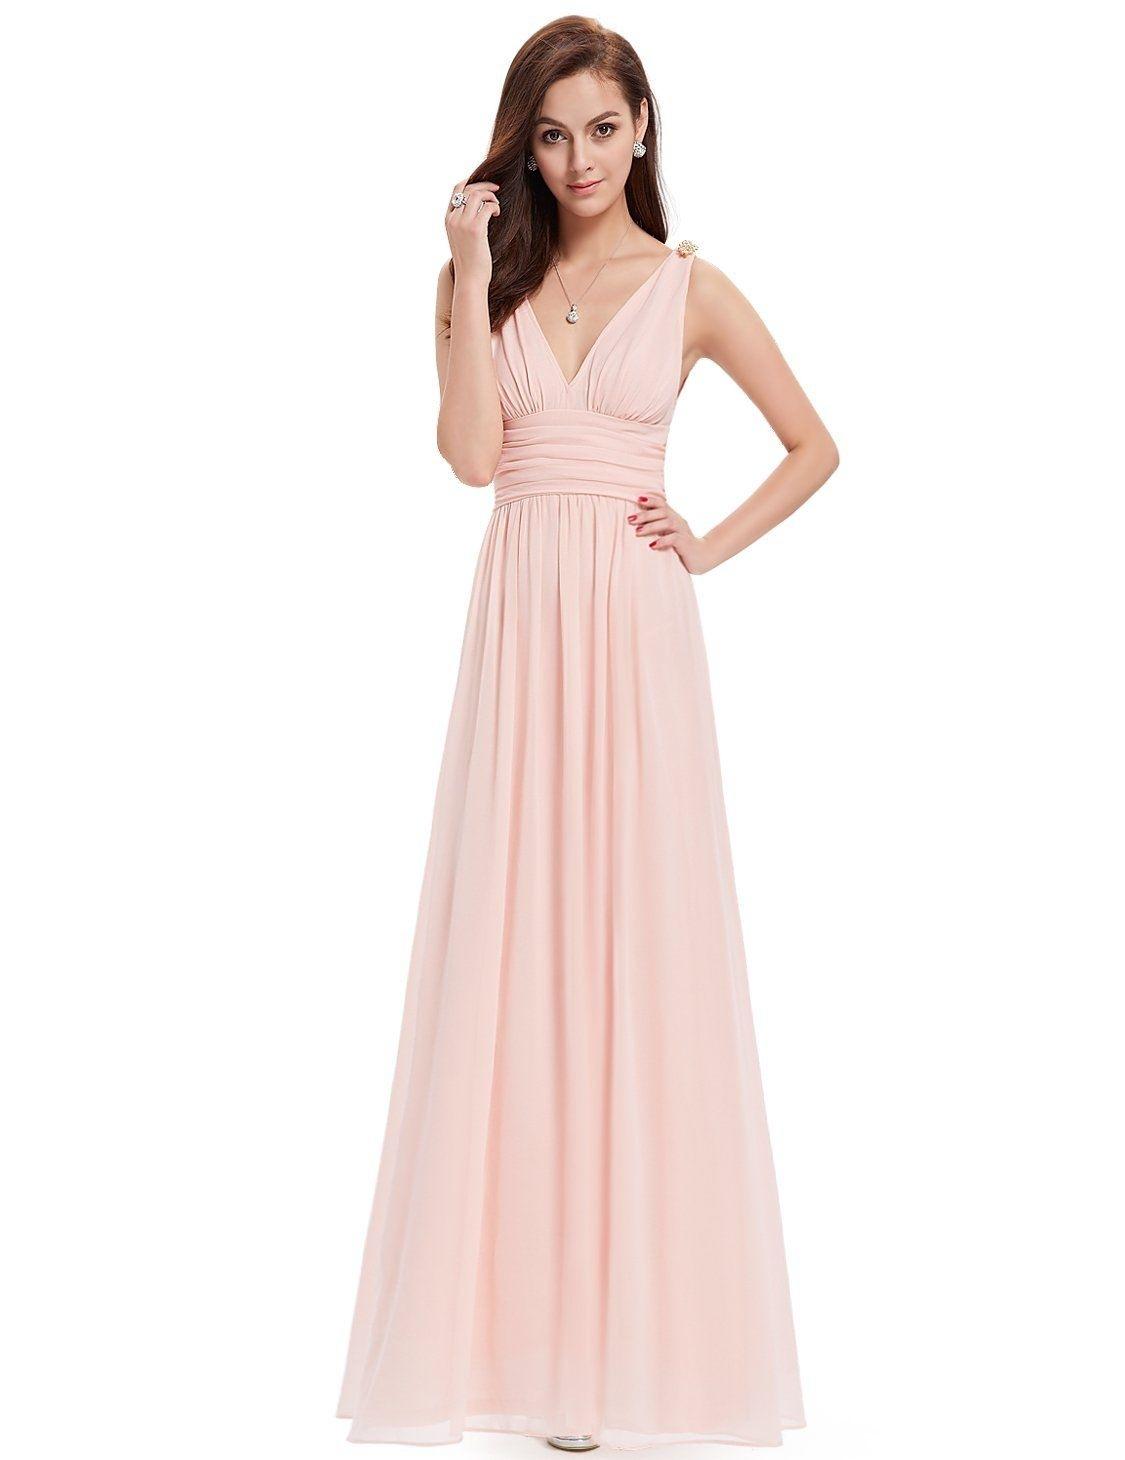 20 Elegant Maxi Kleider Hochzeit Bester PreisDesigner Fantastisch Maxi Kleider Hochzeit Spezialgebiet